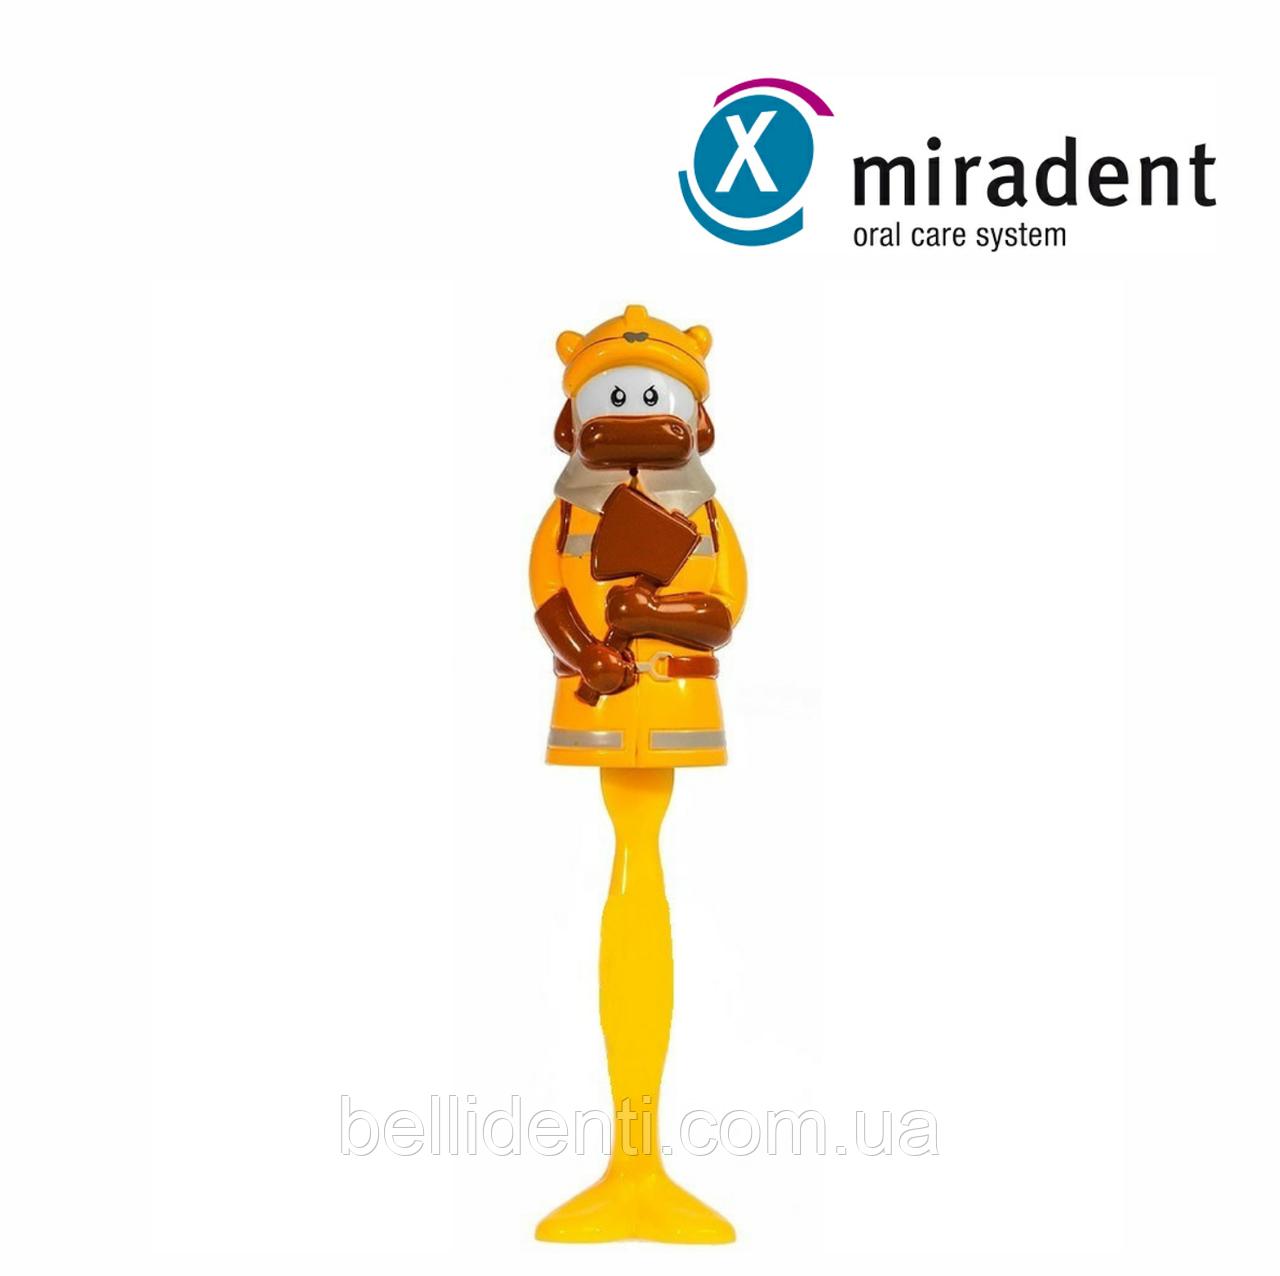 Зубная щетка для детей Kid's Brush, пожарник